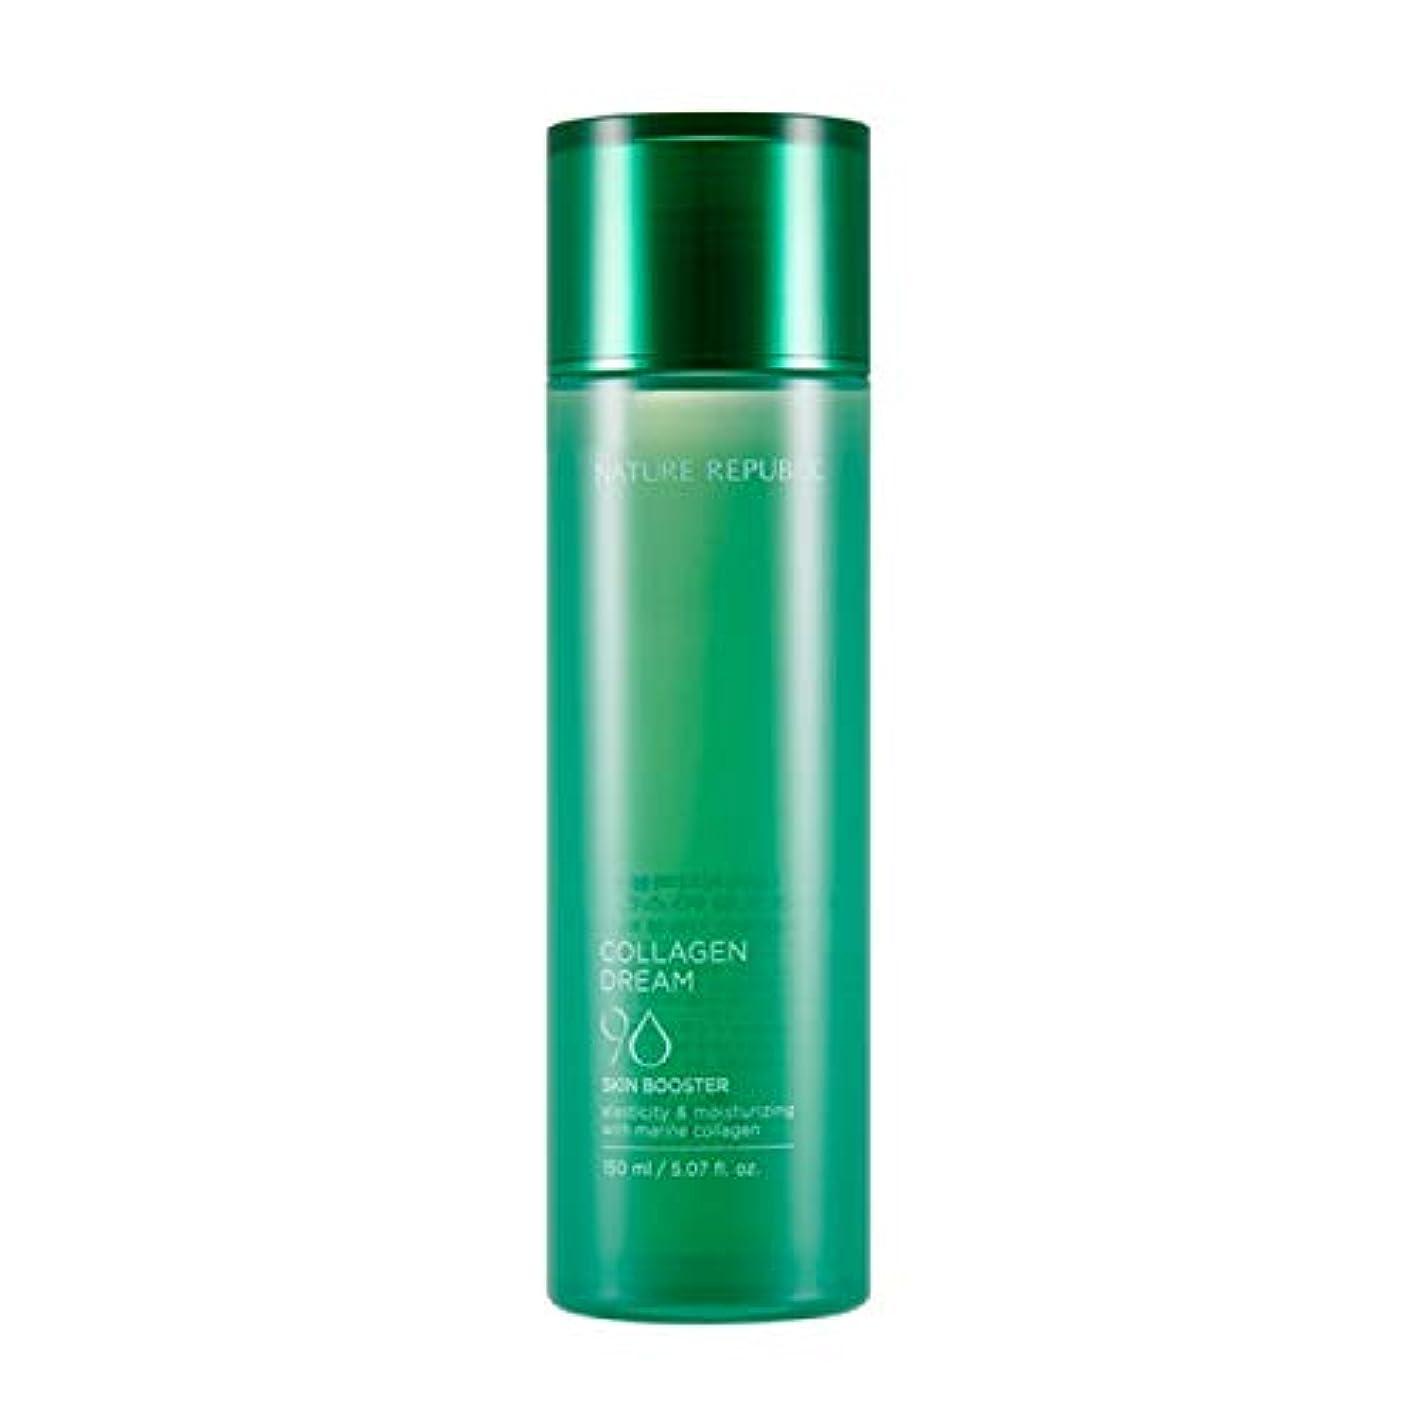 スペクトラムコードレス蜂ネイチャーリパブリック(Nature Republic)コラーゲンドリーム90スキンブースター / Collagen Dream 90 Skin Booster 150ml :: 韓国コスメ [並行輸入品]